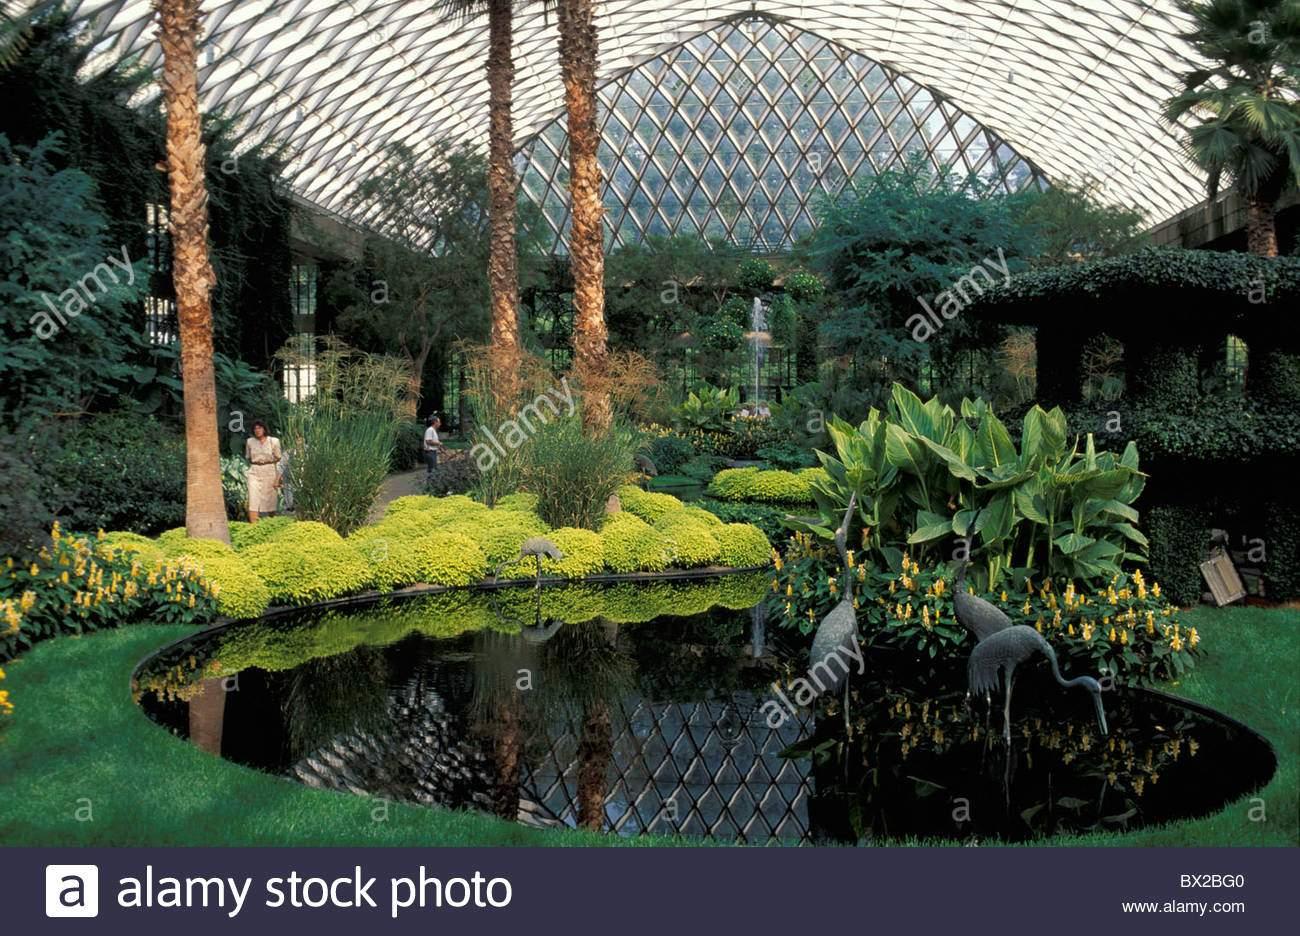 stockfoto botanischer garten halle halle im inneren teich pflanzen gewachshaus longwood garten wissen square pennsylvania usa